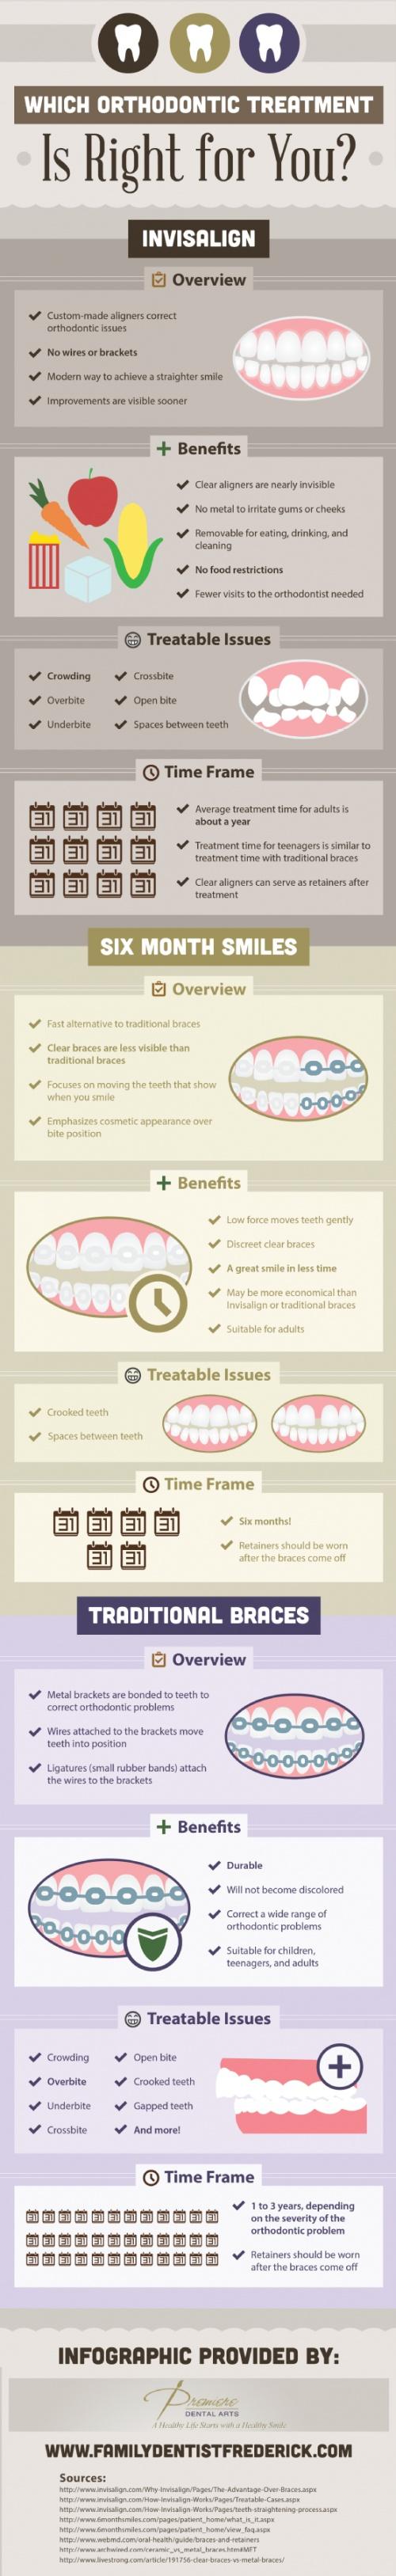 Which Orthodontic Treatment Is Right for You? Cual tratamiento de ortodoncia es el correcto para ti?